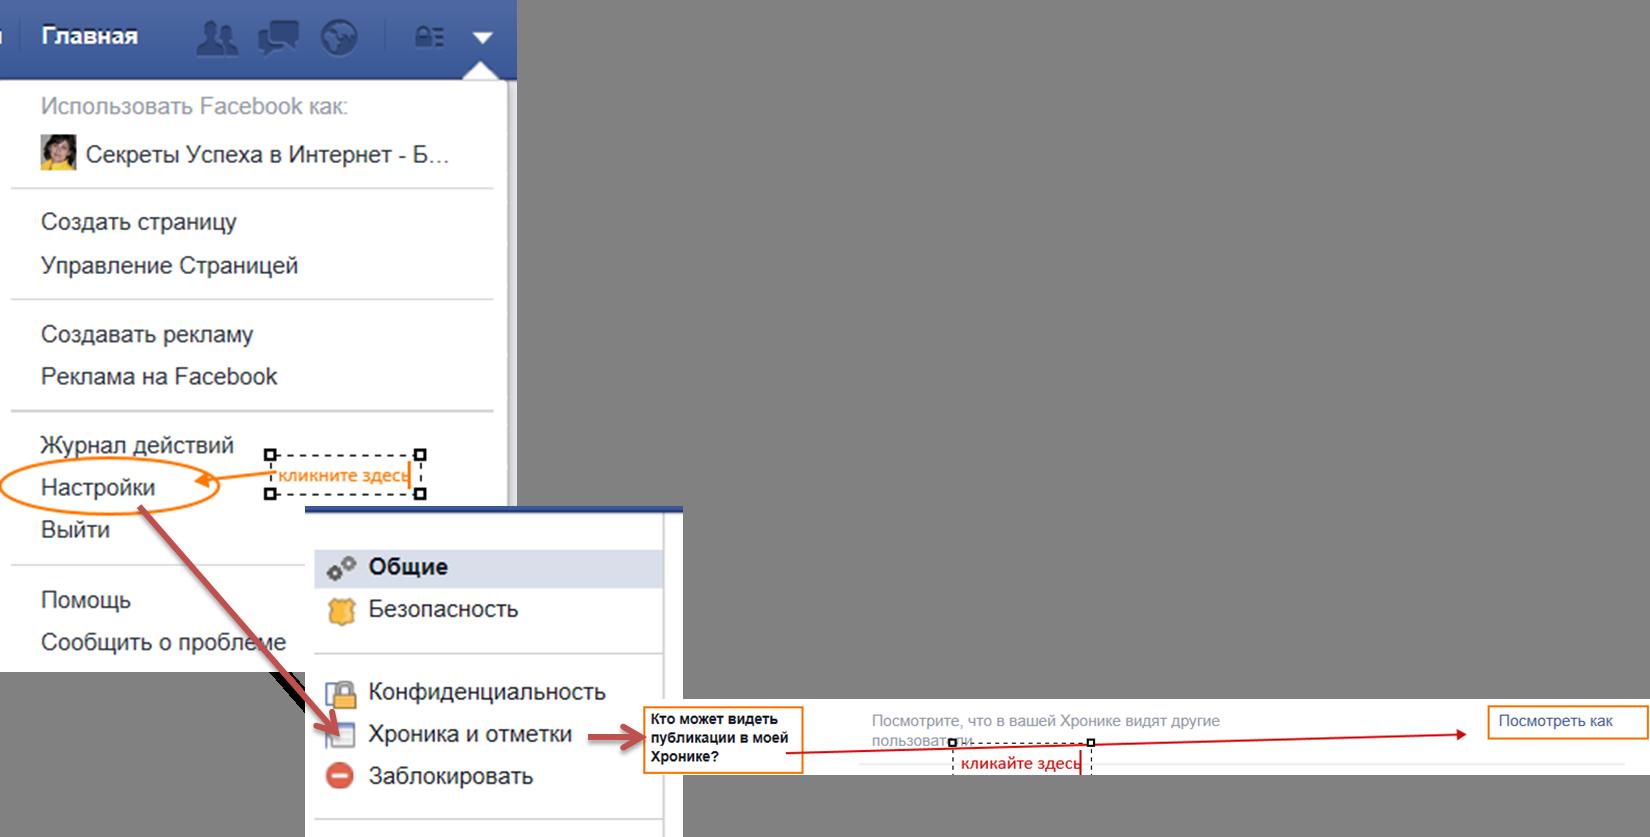 настройка хроники и отметок на Facebook